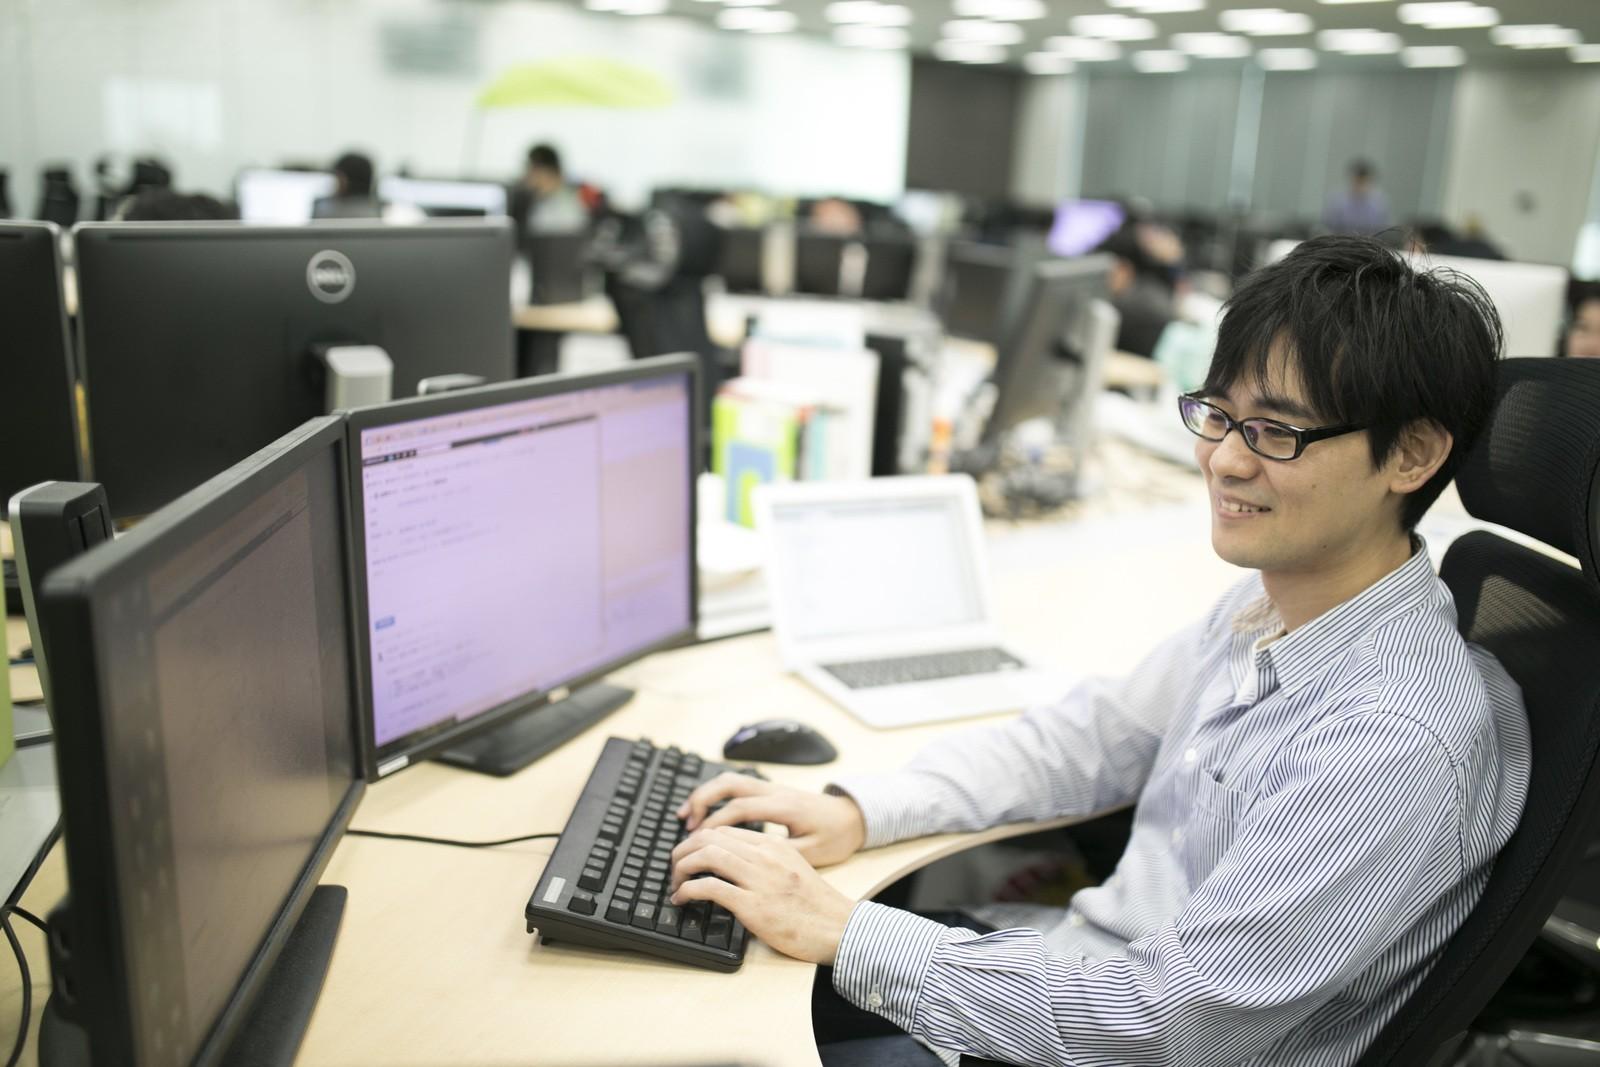 サイボウズ株式会社・サイボウズのクラウドサービスのインフラを開発するSREメンバーを募集!